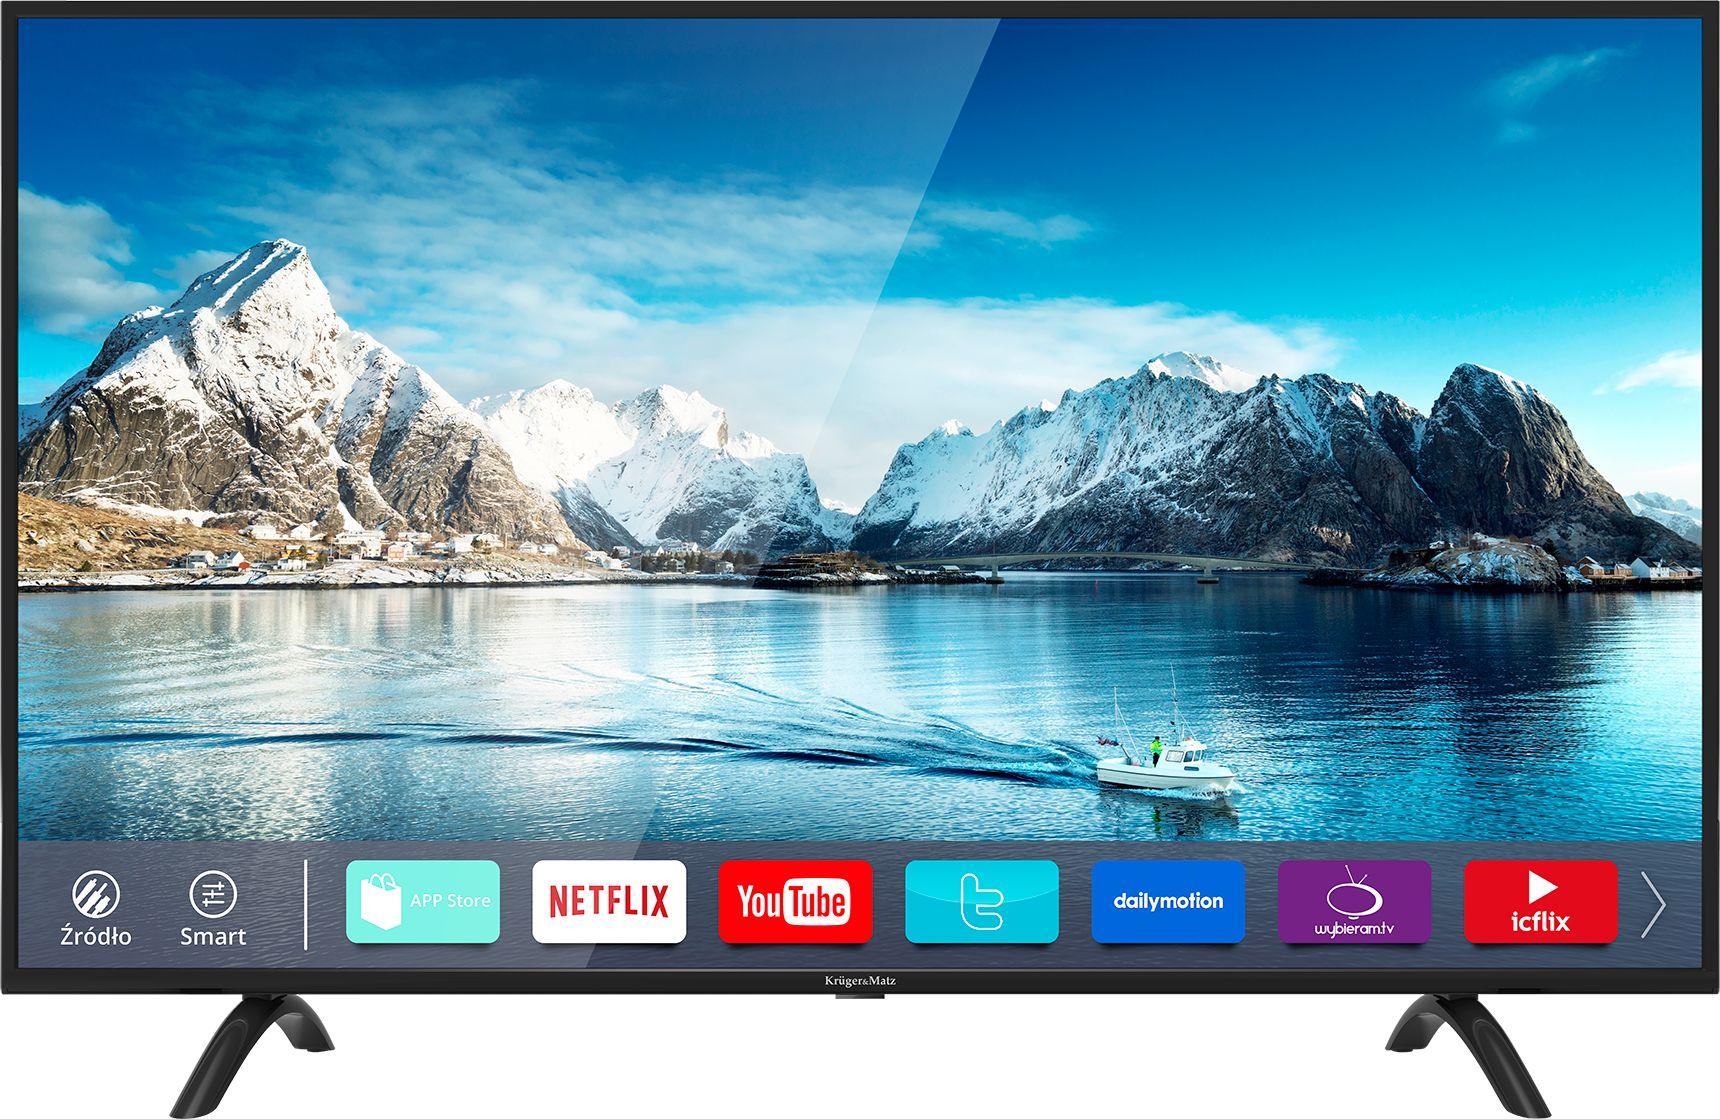 Kruger&Matz 49 KM0249UHD-S3 4K, Smart TV, NETFLIX